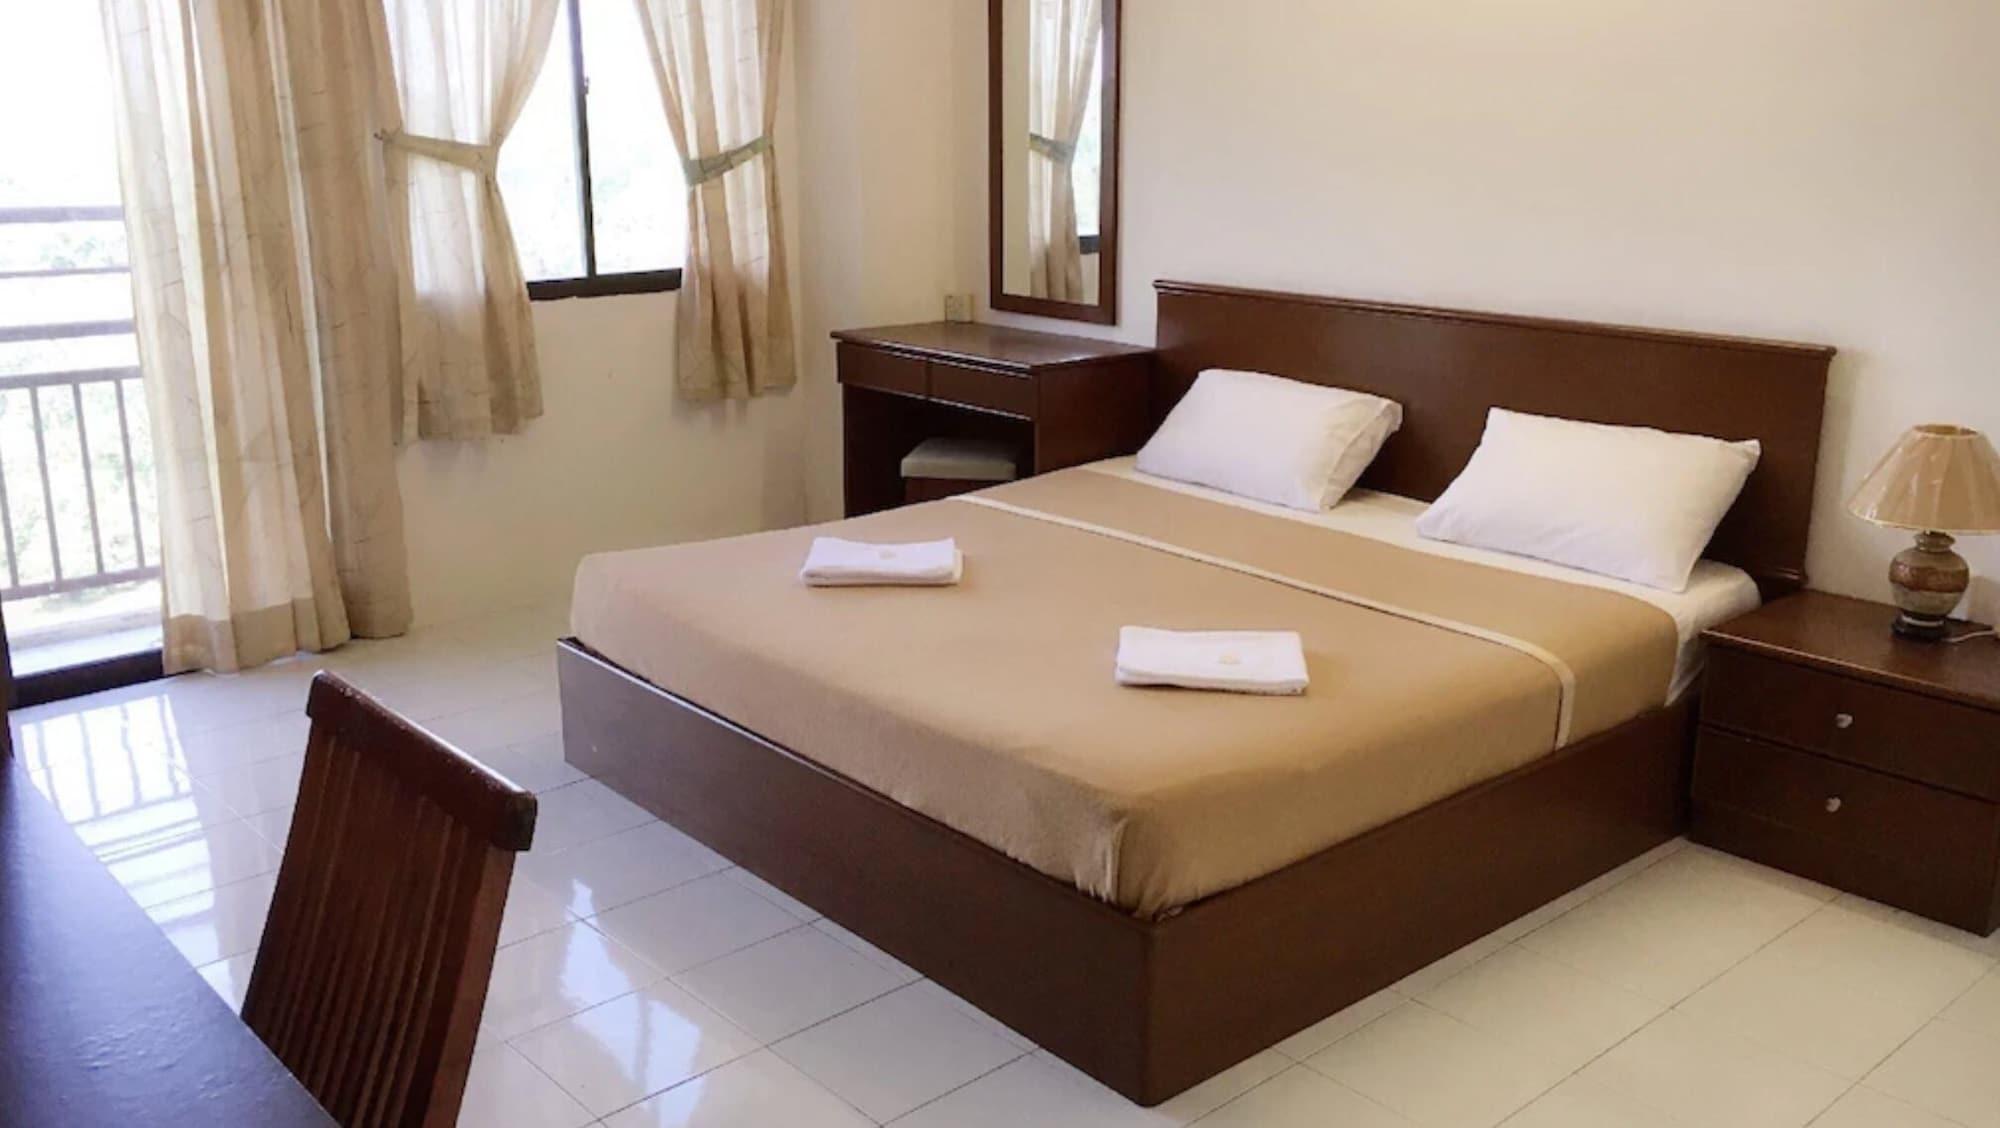 Dindings Pantai Desair Apartment Hotel, Manjung